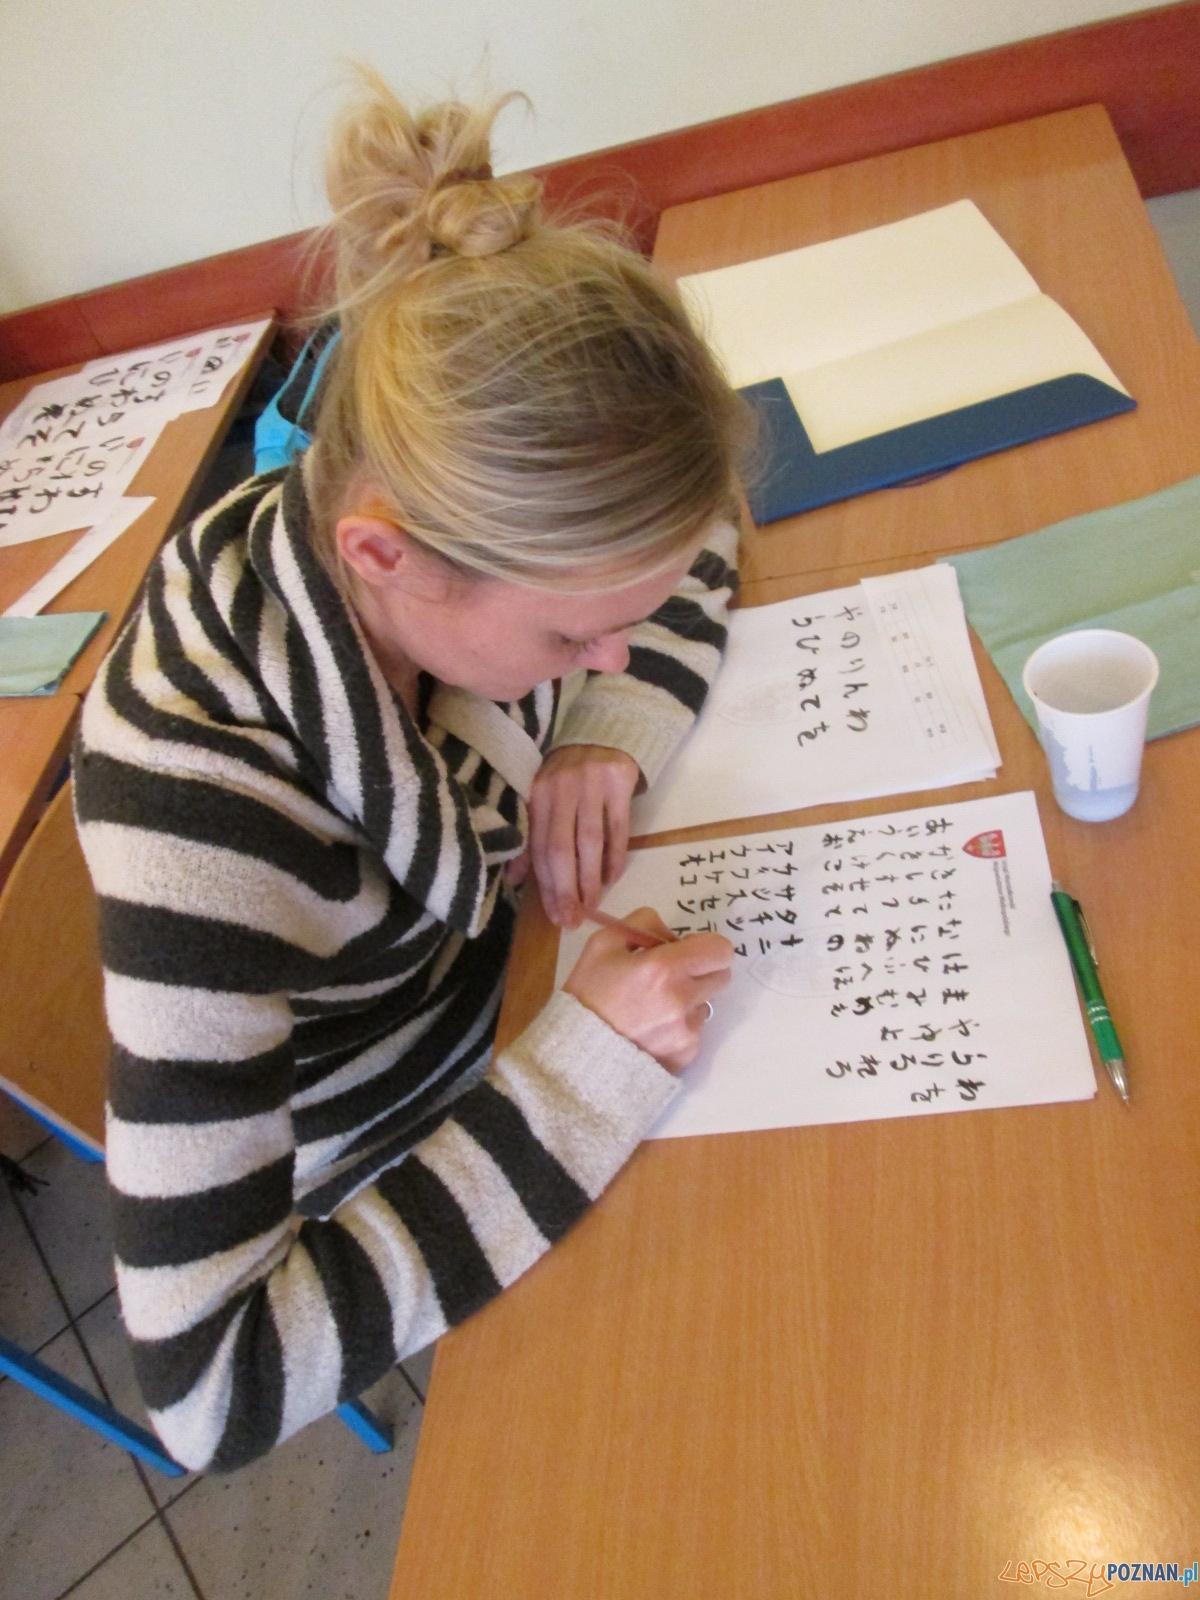 Bezpłatne kursy języka japońskiego  Foto: Nishio